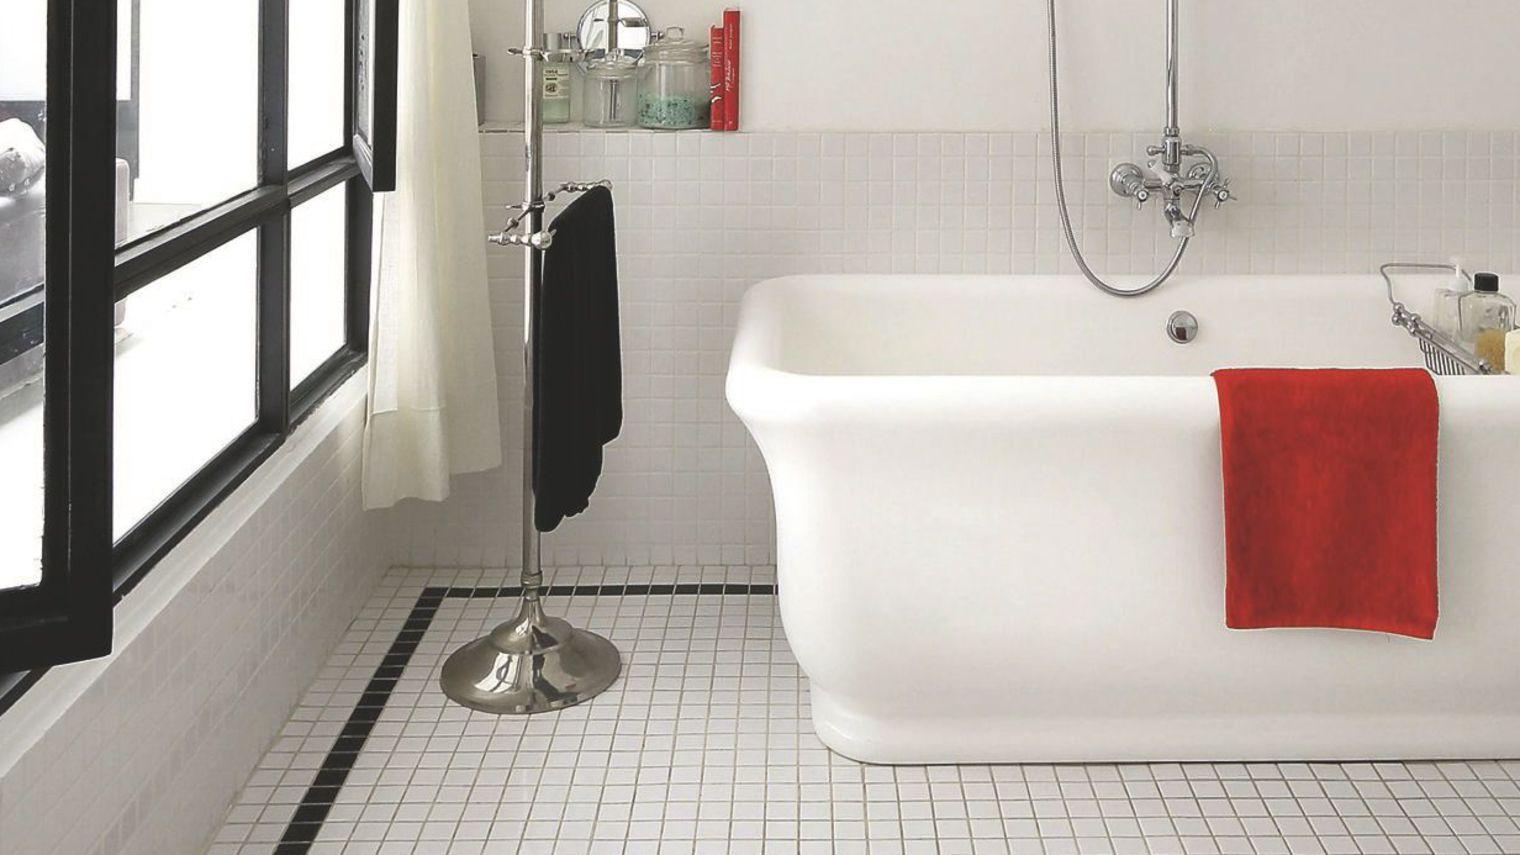 catelle de salle de bain retro - Recherche Google  Revetement